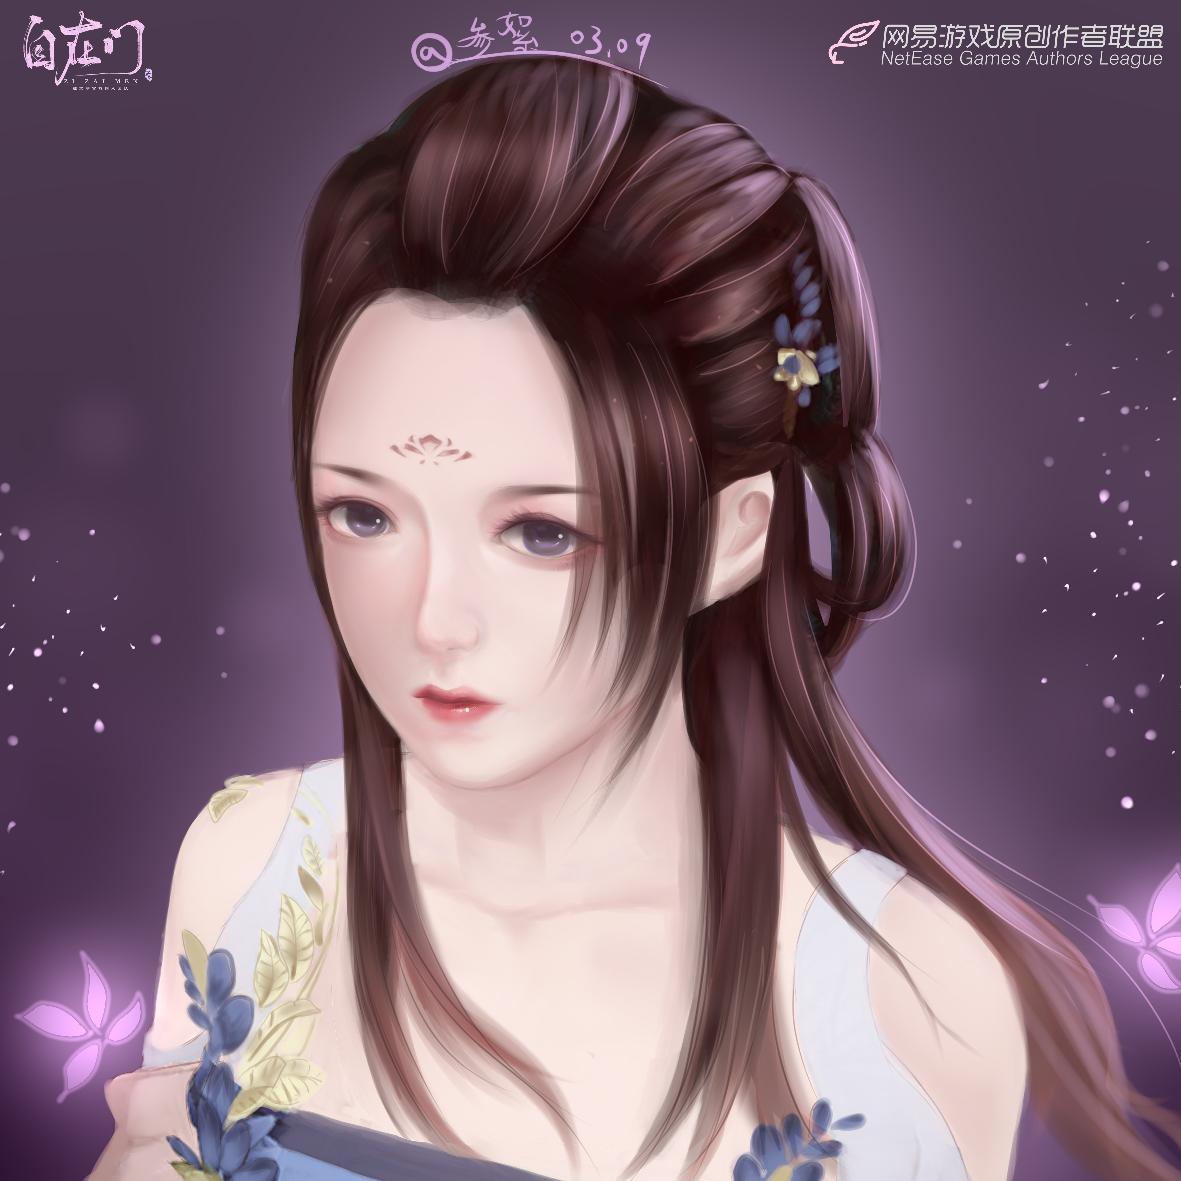 【原创作者联盟】美是一辈子的,献上一枚女神小姐姐。【自在门】【手绘】